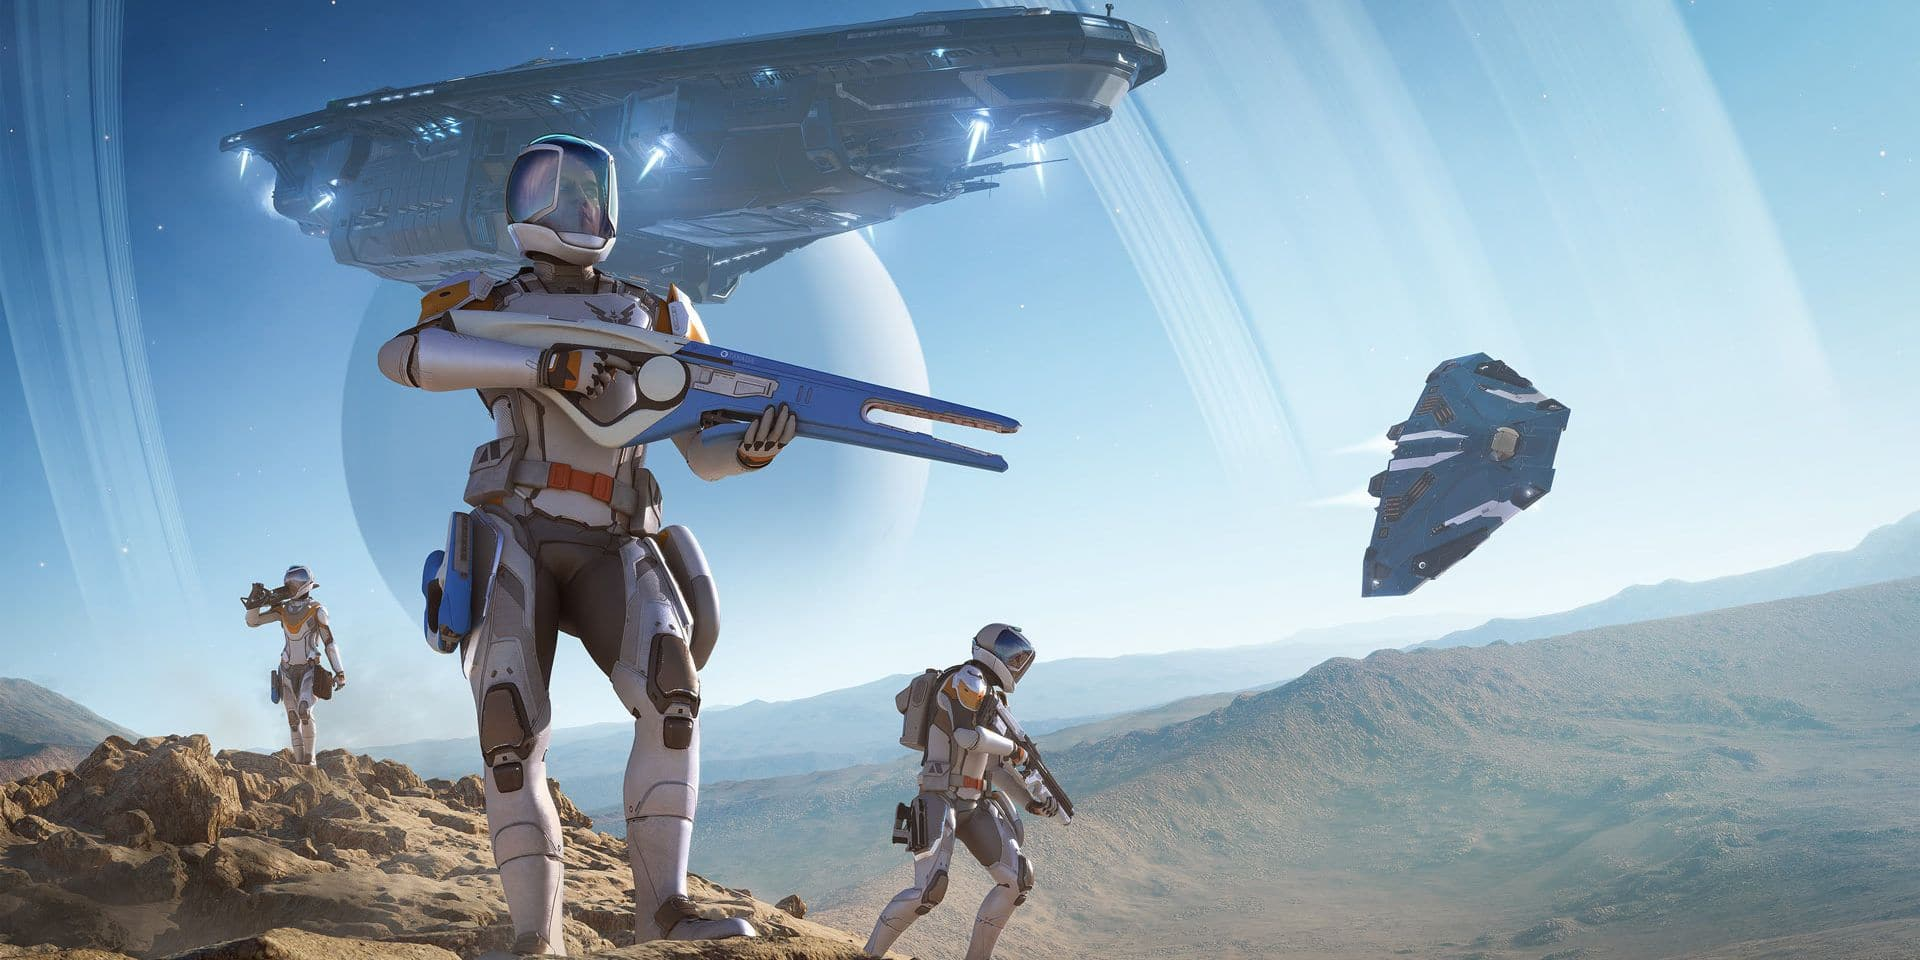 """Trailer : Un mode FPS dans la nouvelle extension de Elite Dangerous : """"Odyssey"""""""